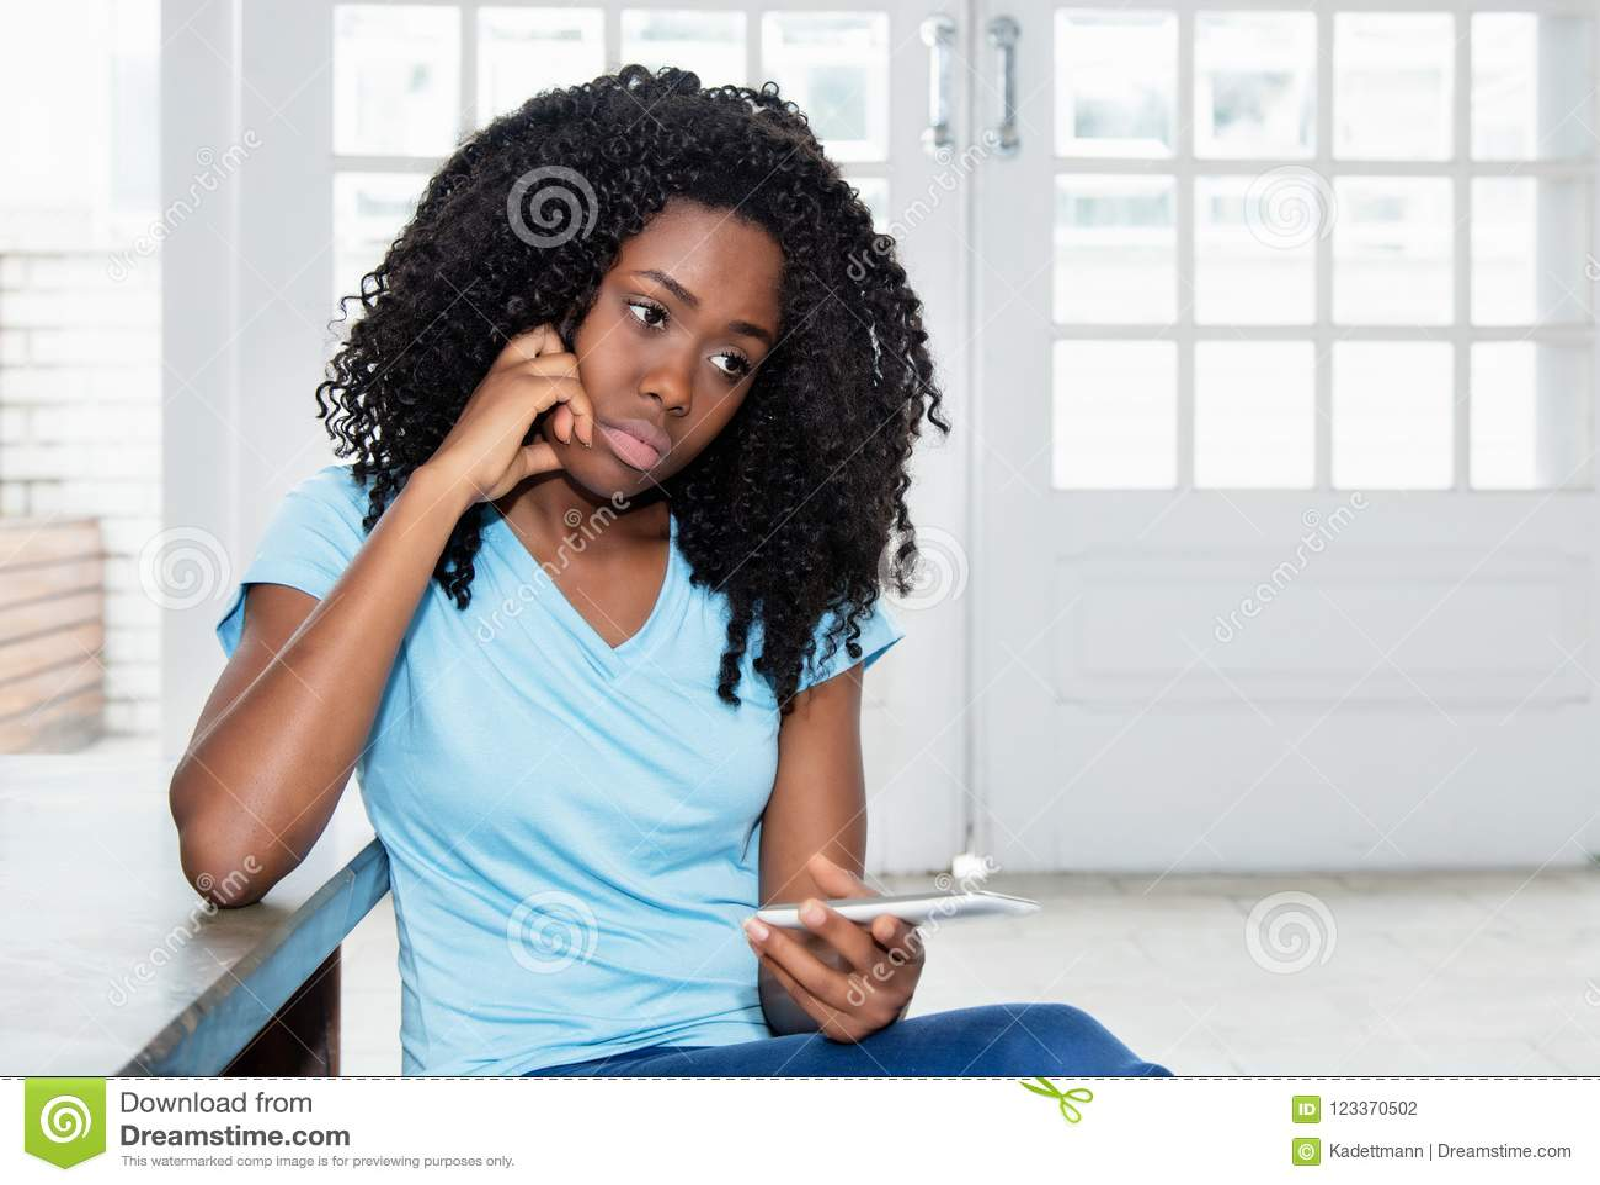 Mensagem de espera da mulher afro-americano triste e só